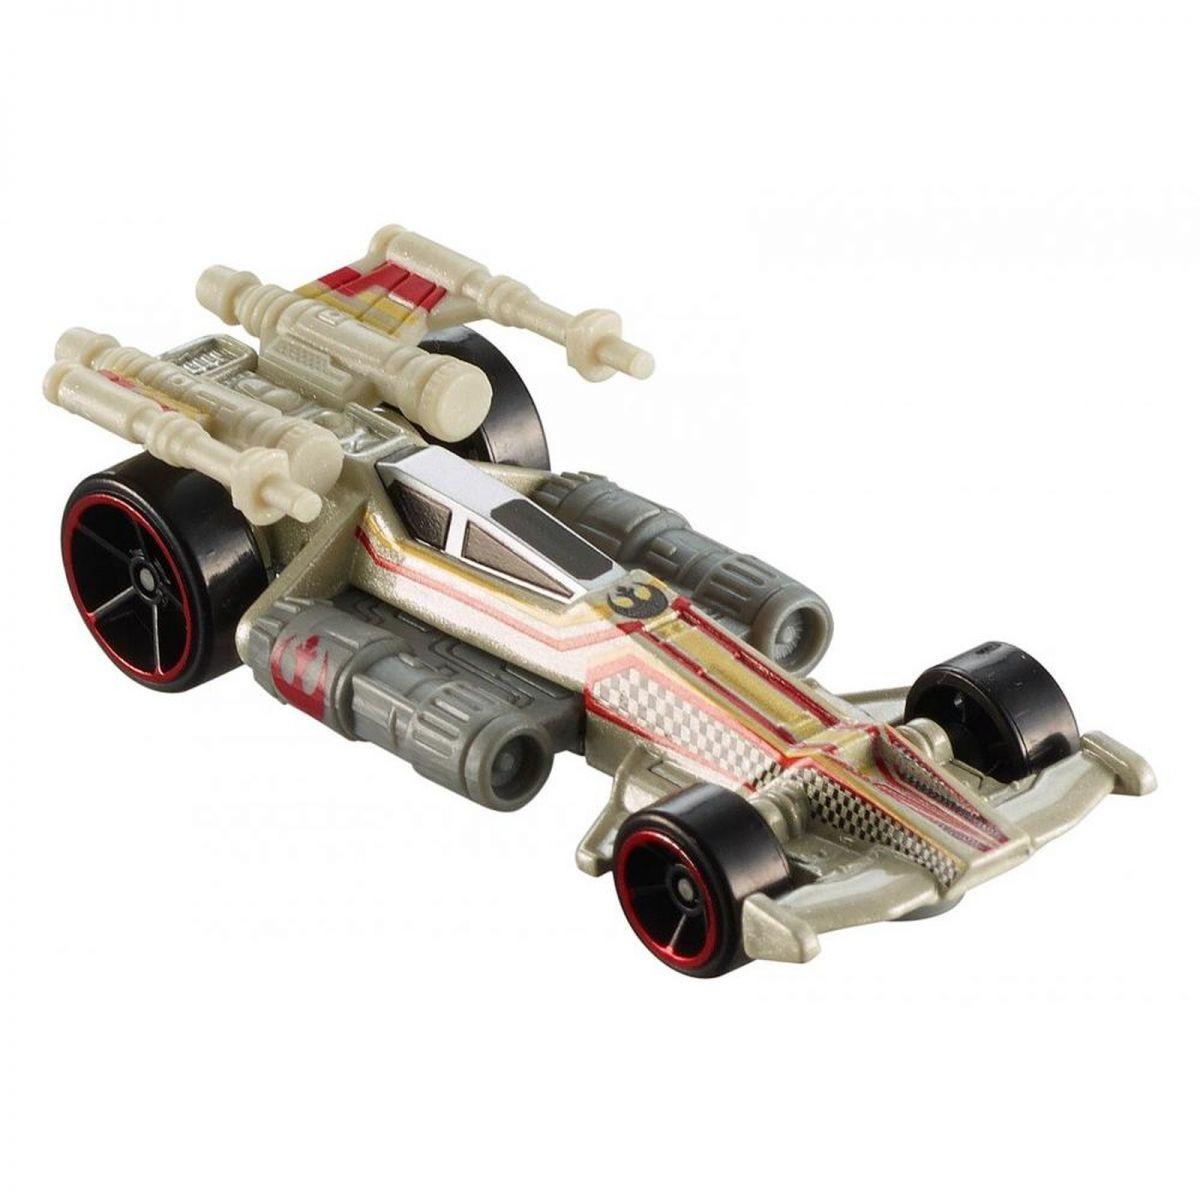 Star Wars: Luke's X-Wing Fighter - Hot Wheels